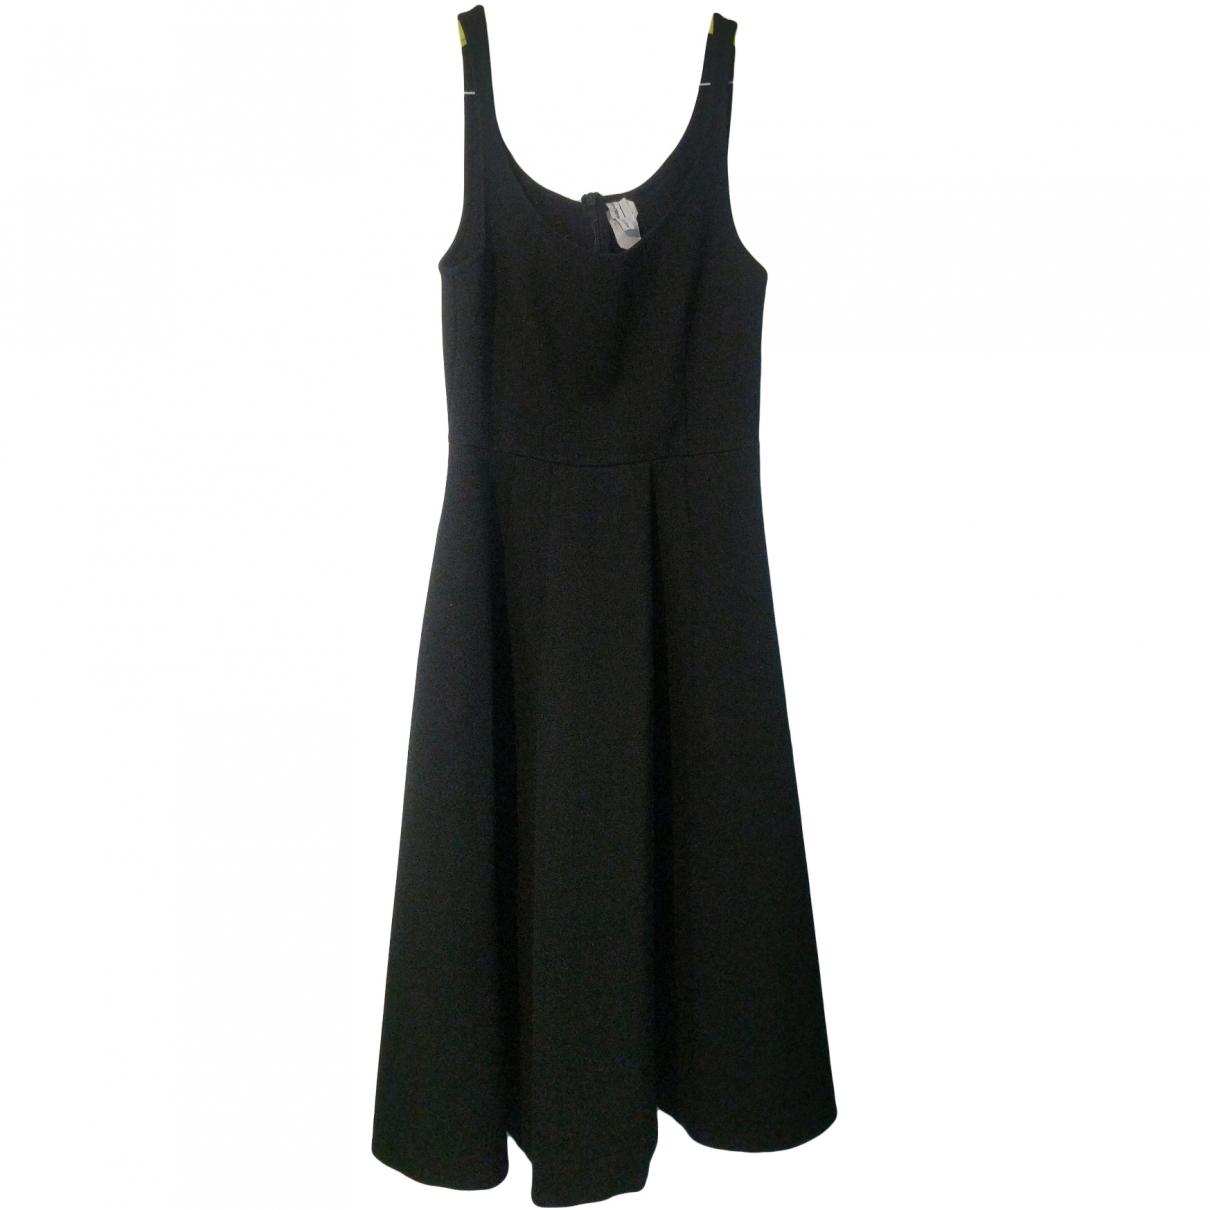 & Stories \N Black Cotton - elasthane dress for Women 6 UK